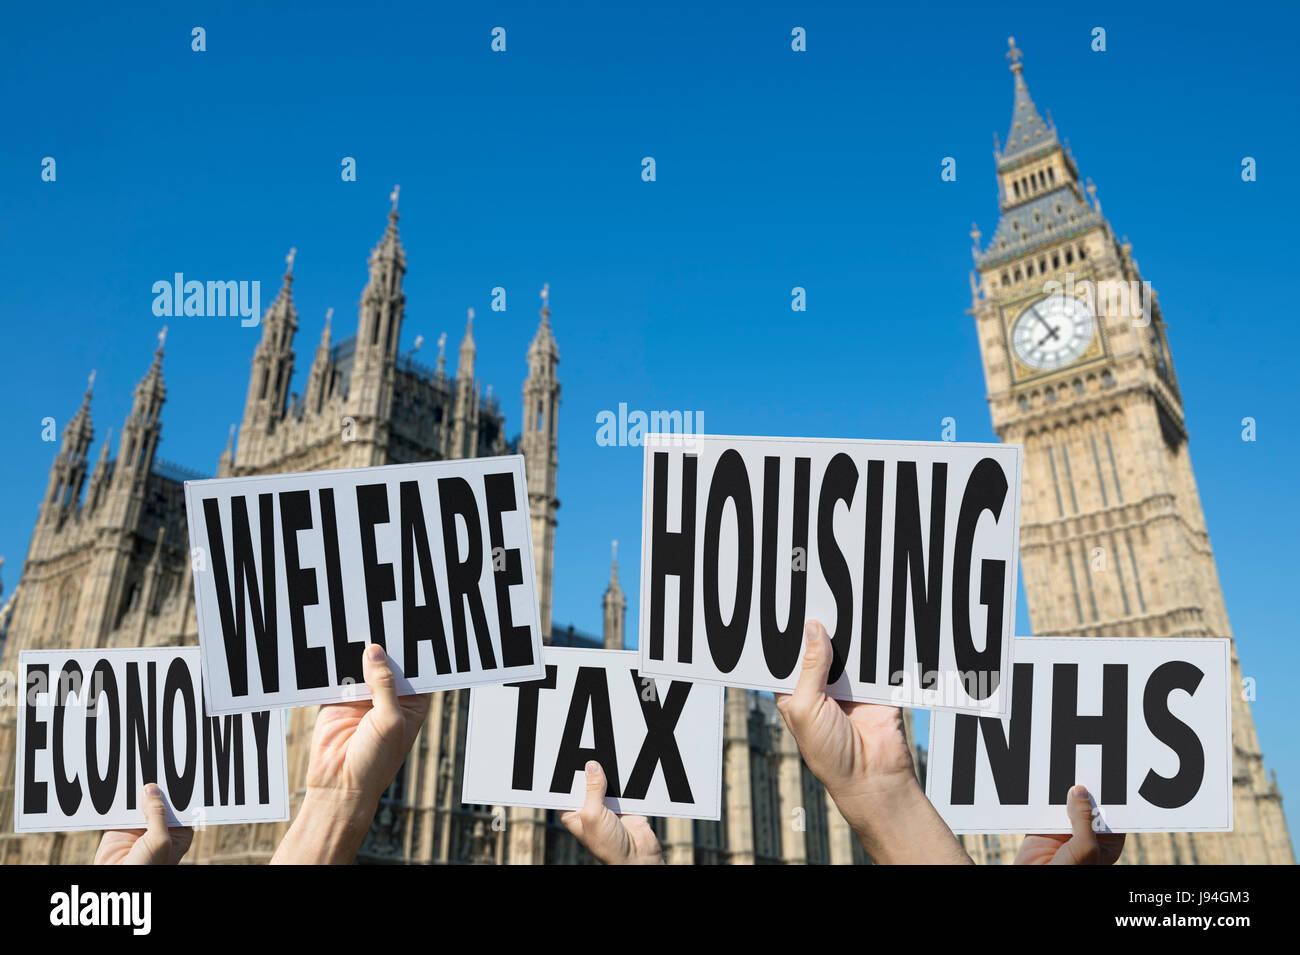 Mani elezione segni protestando britannici moderni problemi sociali di economia, fiscali, sociali, alloggi, sanità Immagini Stock